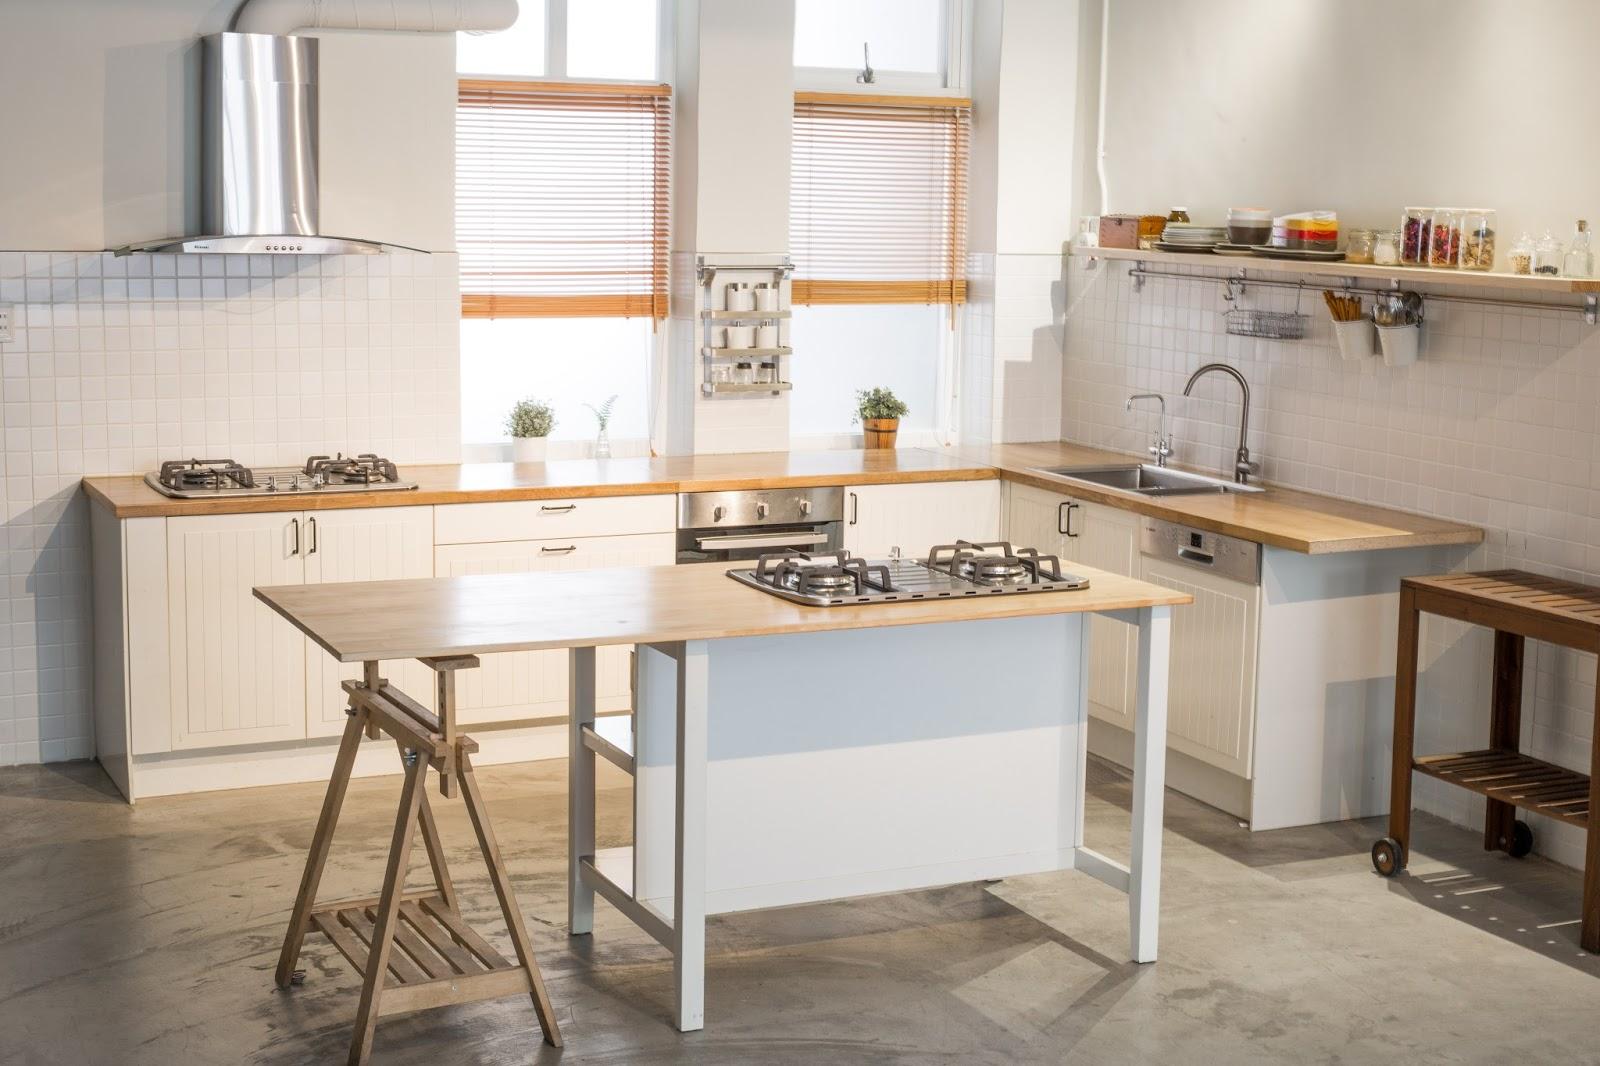 1F廚房空間實景